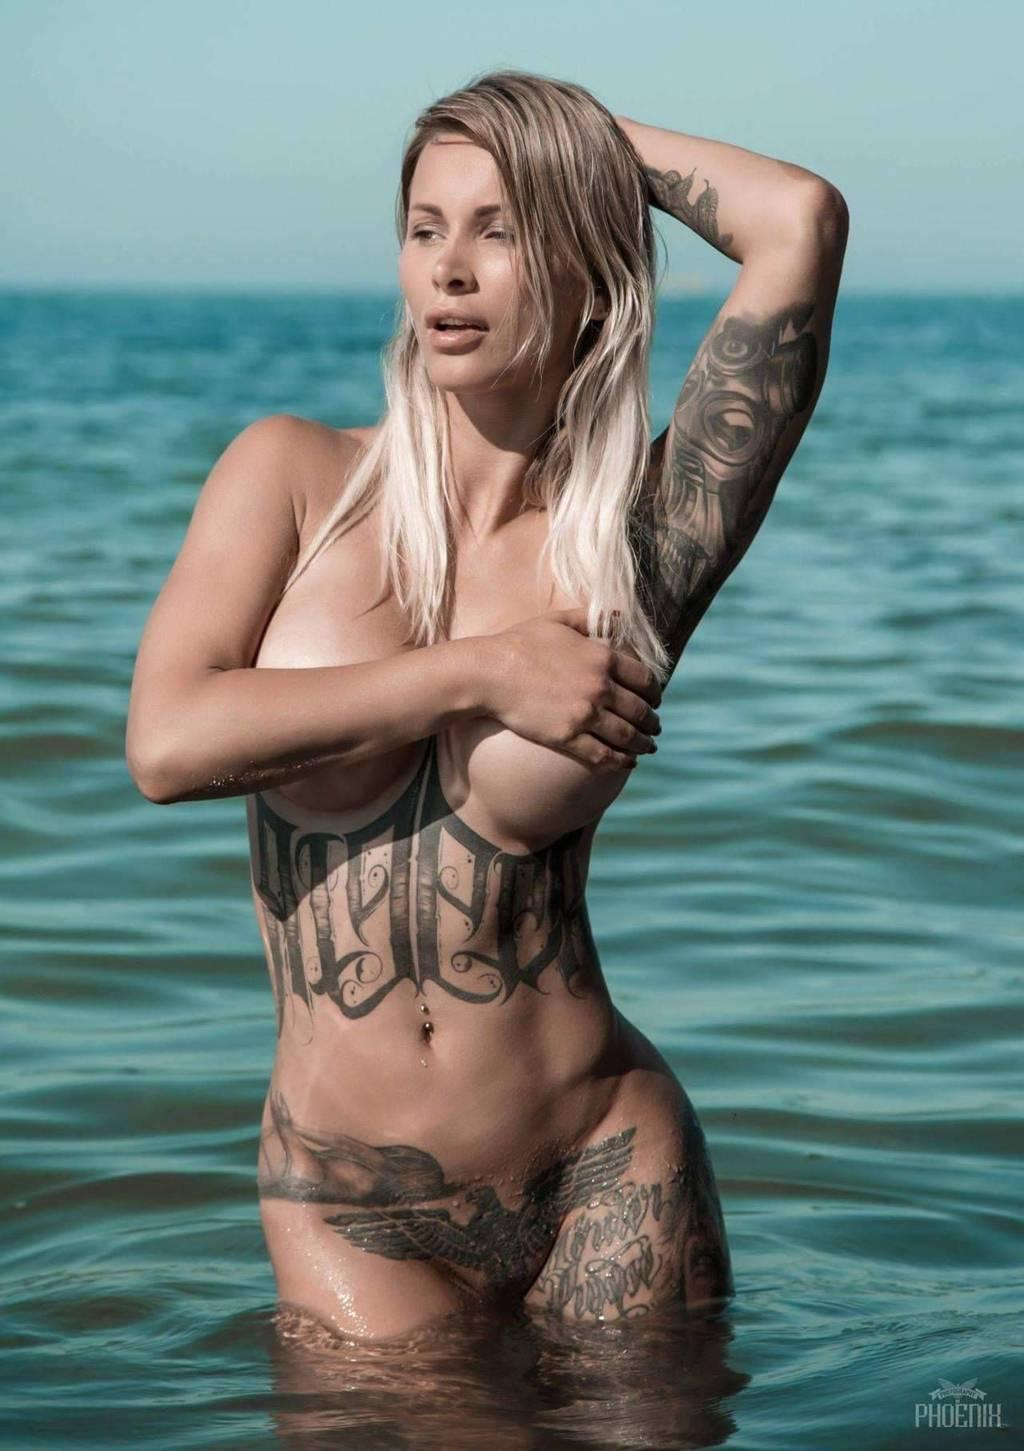 Jill hardener nackt